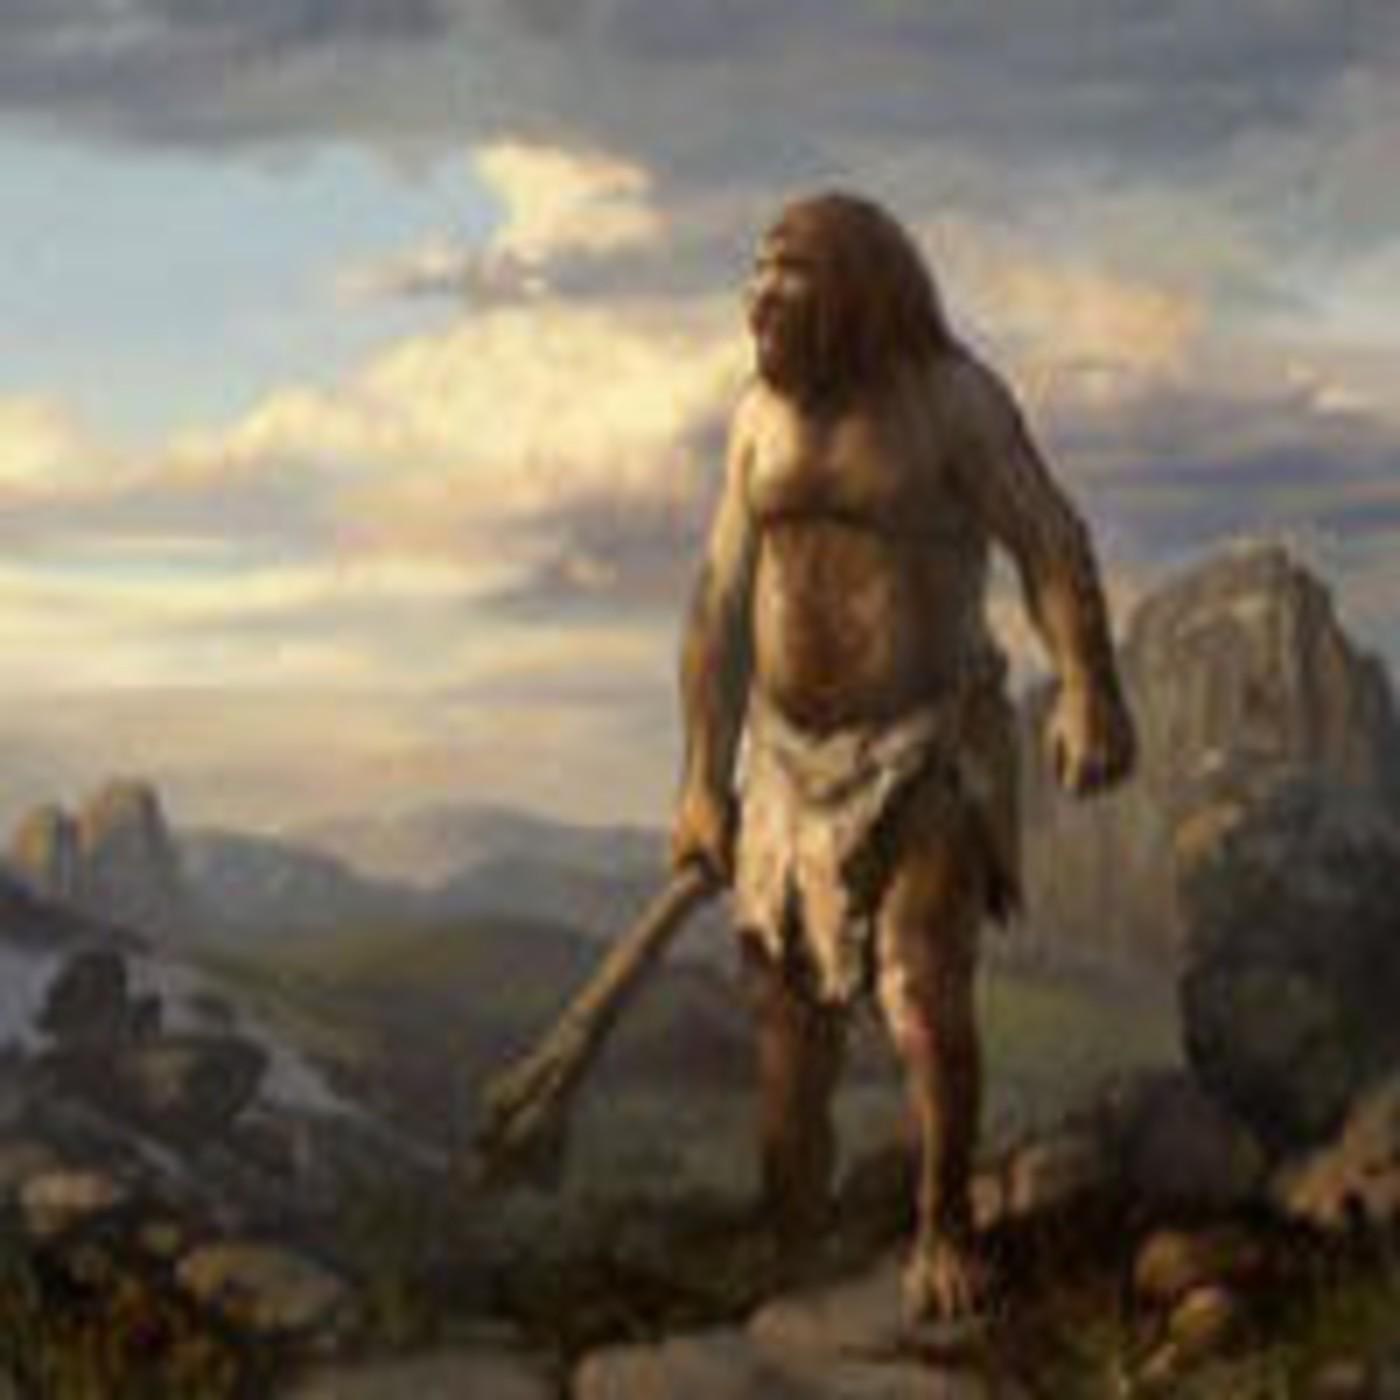 El hombre de Neandertal 'teoría' en Solo Documental en mp3(02/08 a las  10:19:17) 50:51 5806463 - iVoox